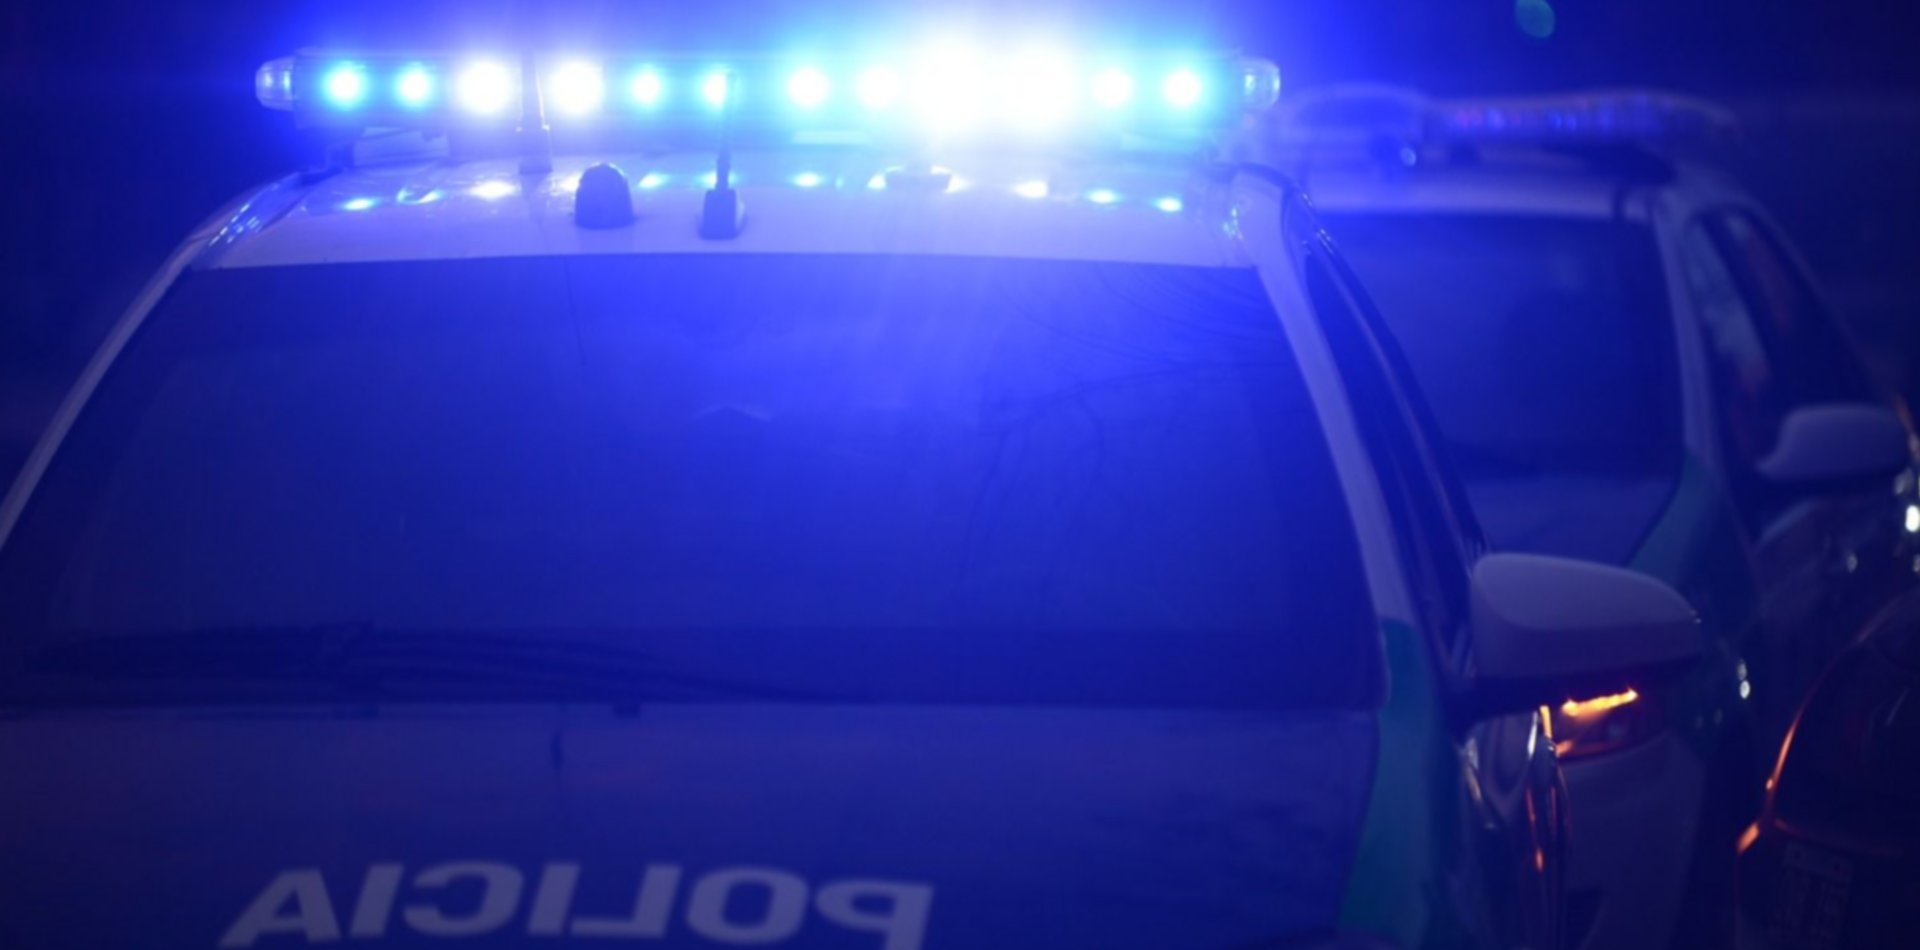 Conmoción en La Plata: murió un joven en moto e investigan si alguien lo chocó y huyó